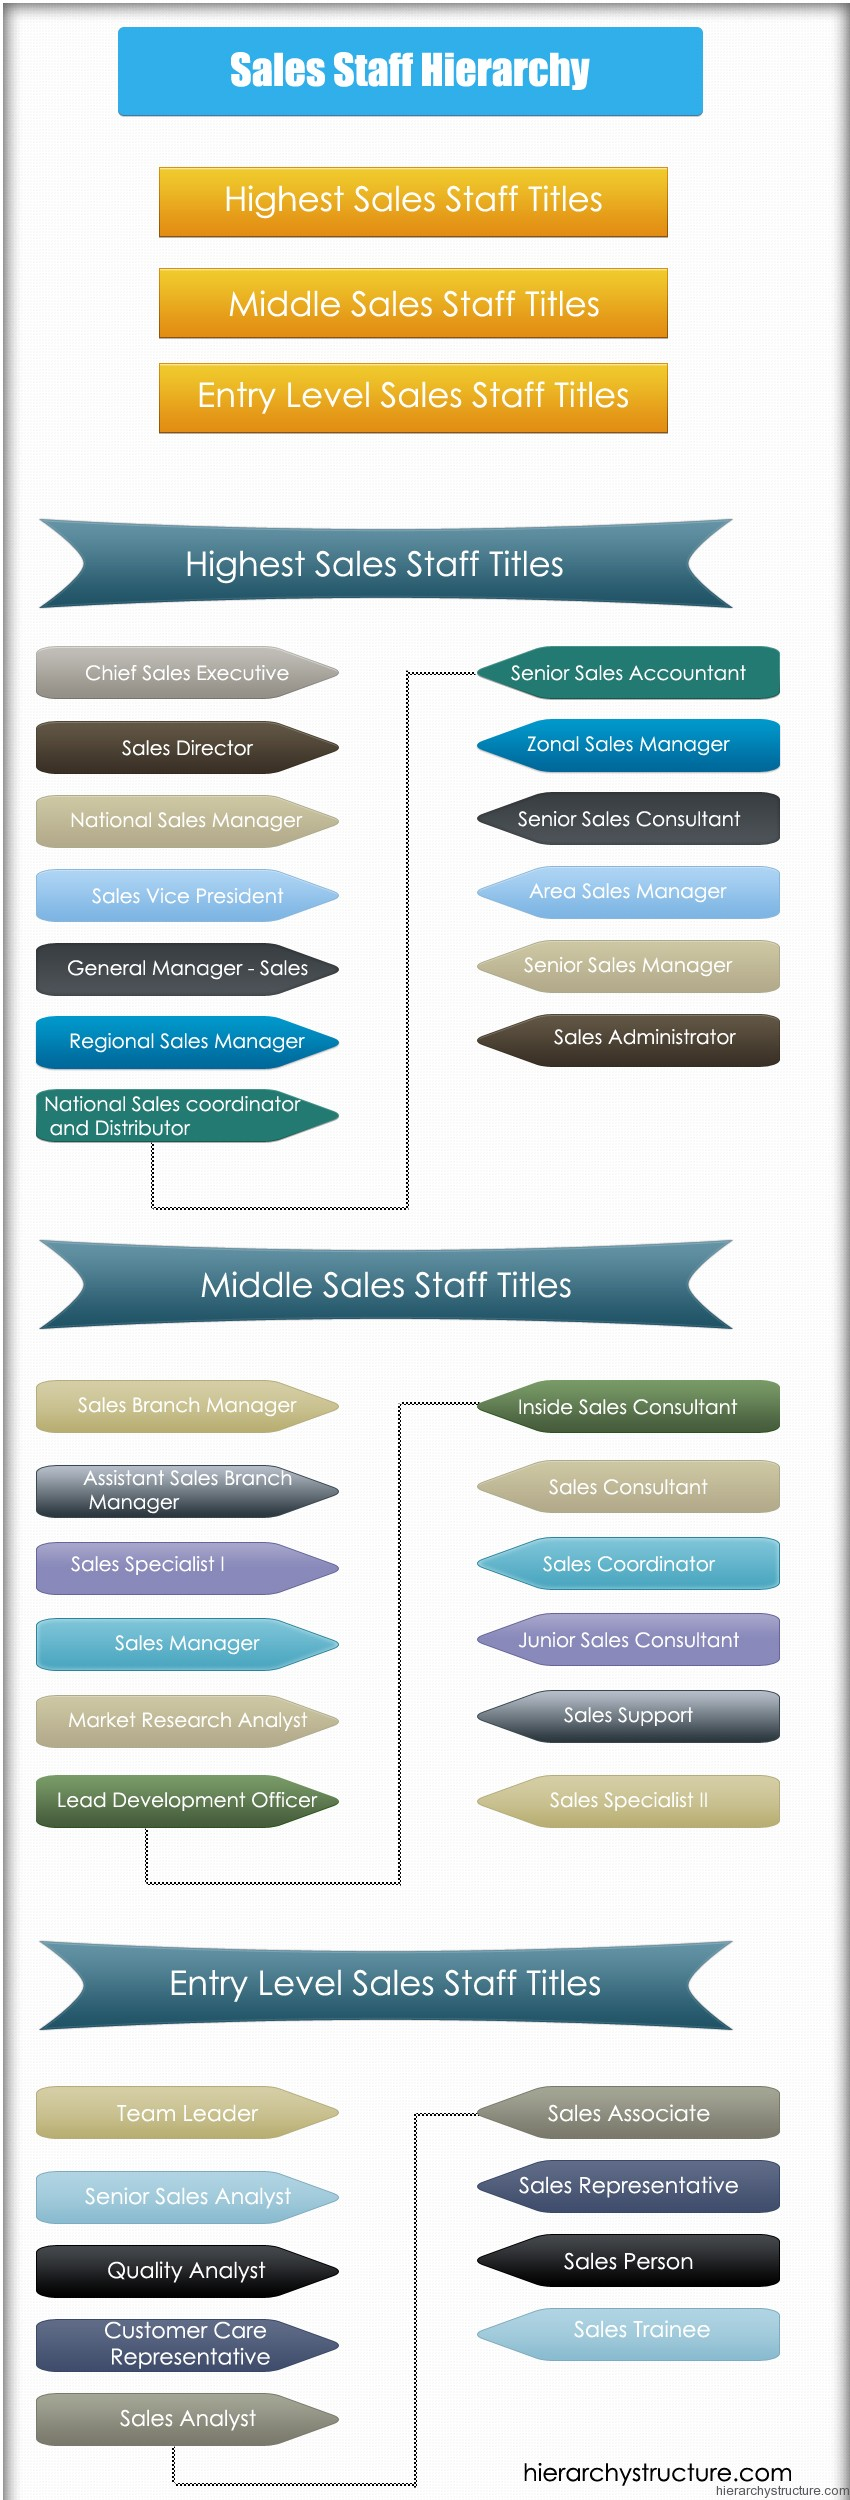 Sales Staff Hierarchy